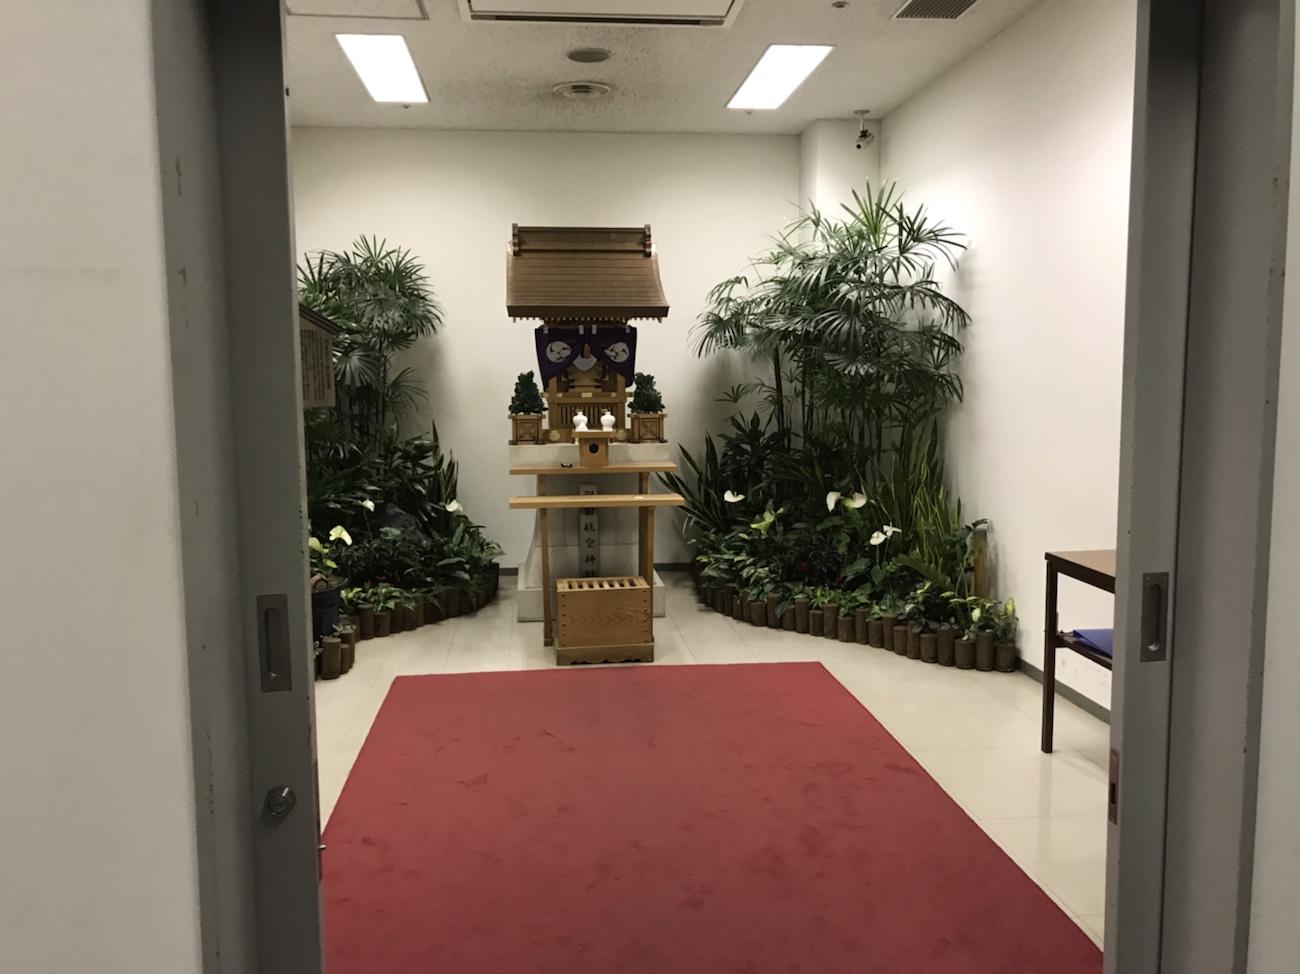 羽田空港神社 御朱印 羽田空港神社の場所アクセス